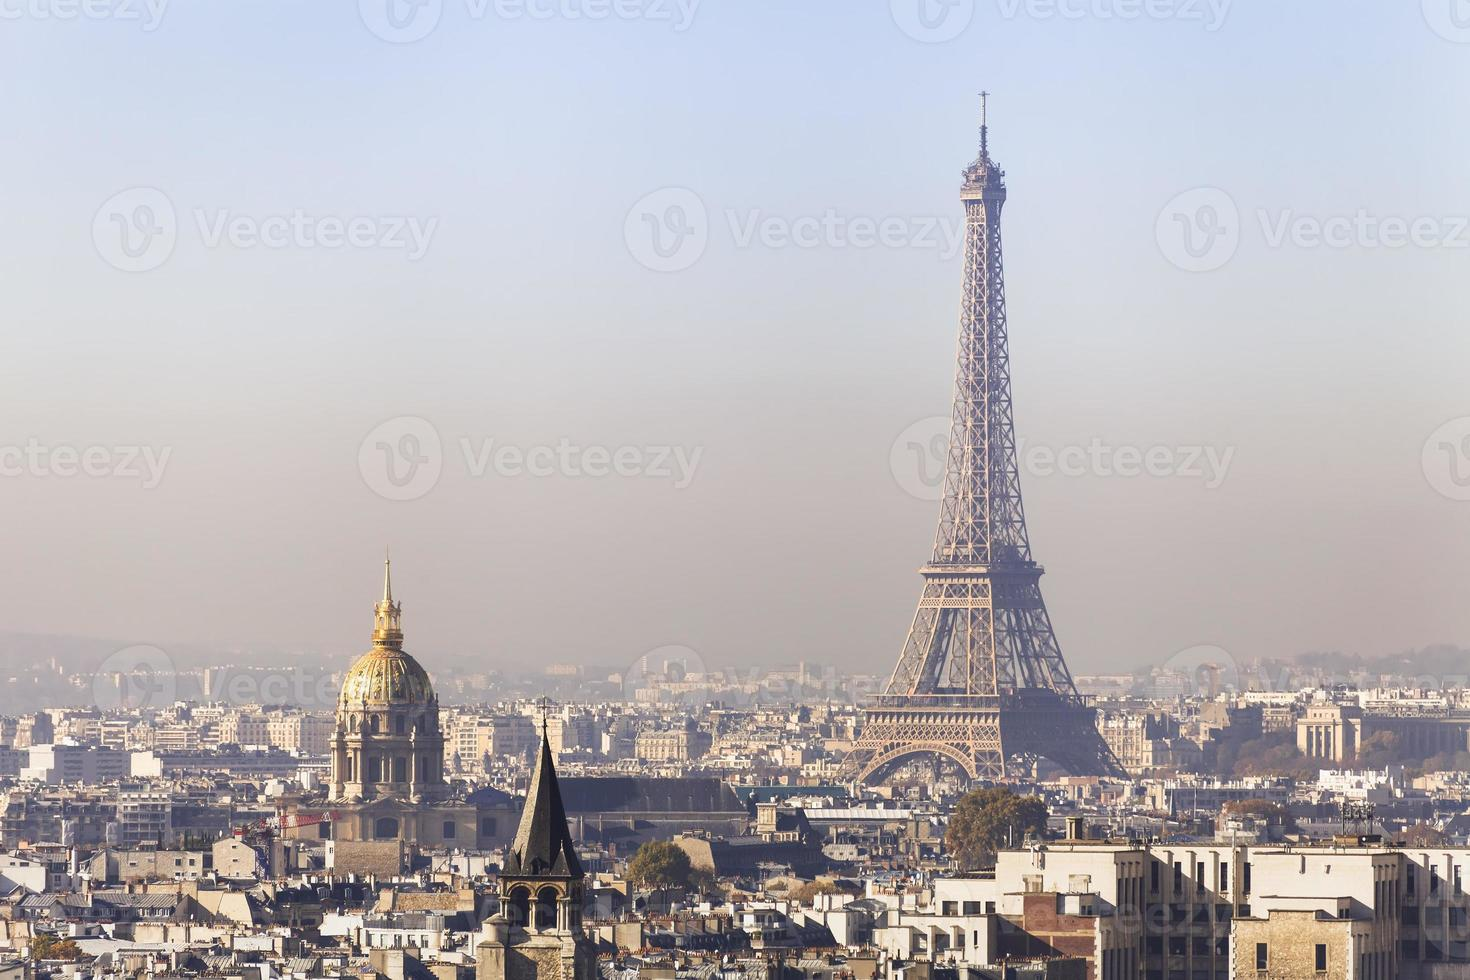 Verschmutzung in Paris, Luftaufnahme des Eiffelturms mit Smog foto